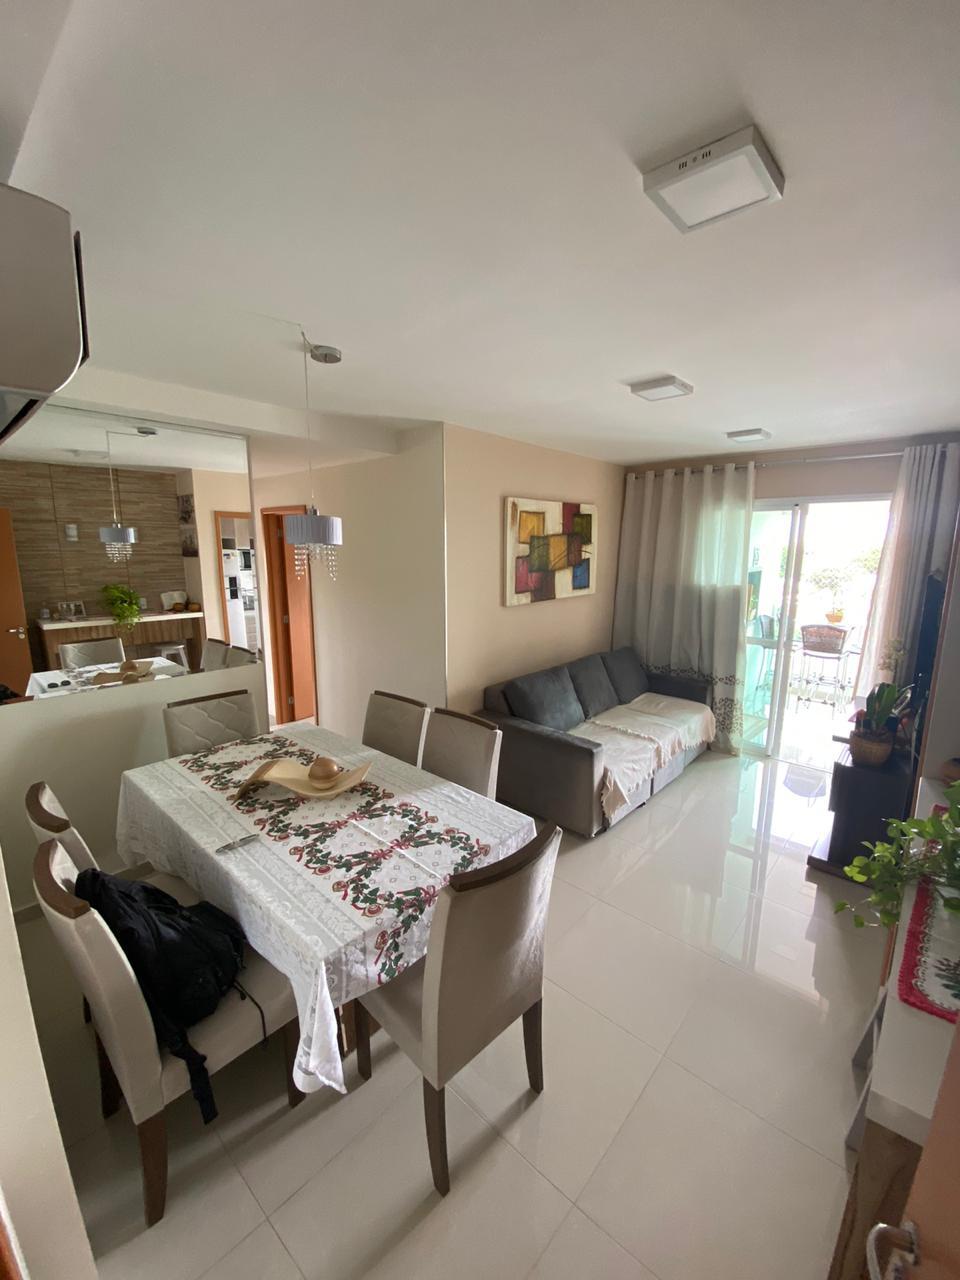 Apartamento à venda,  com 3 quartos sendo 1 suite no Jardim das Americas em Cuiabá MT 101 12533